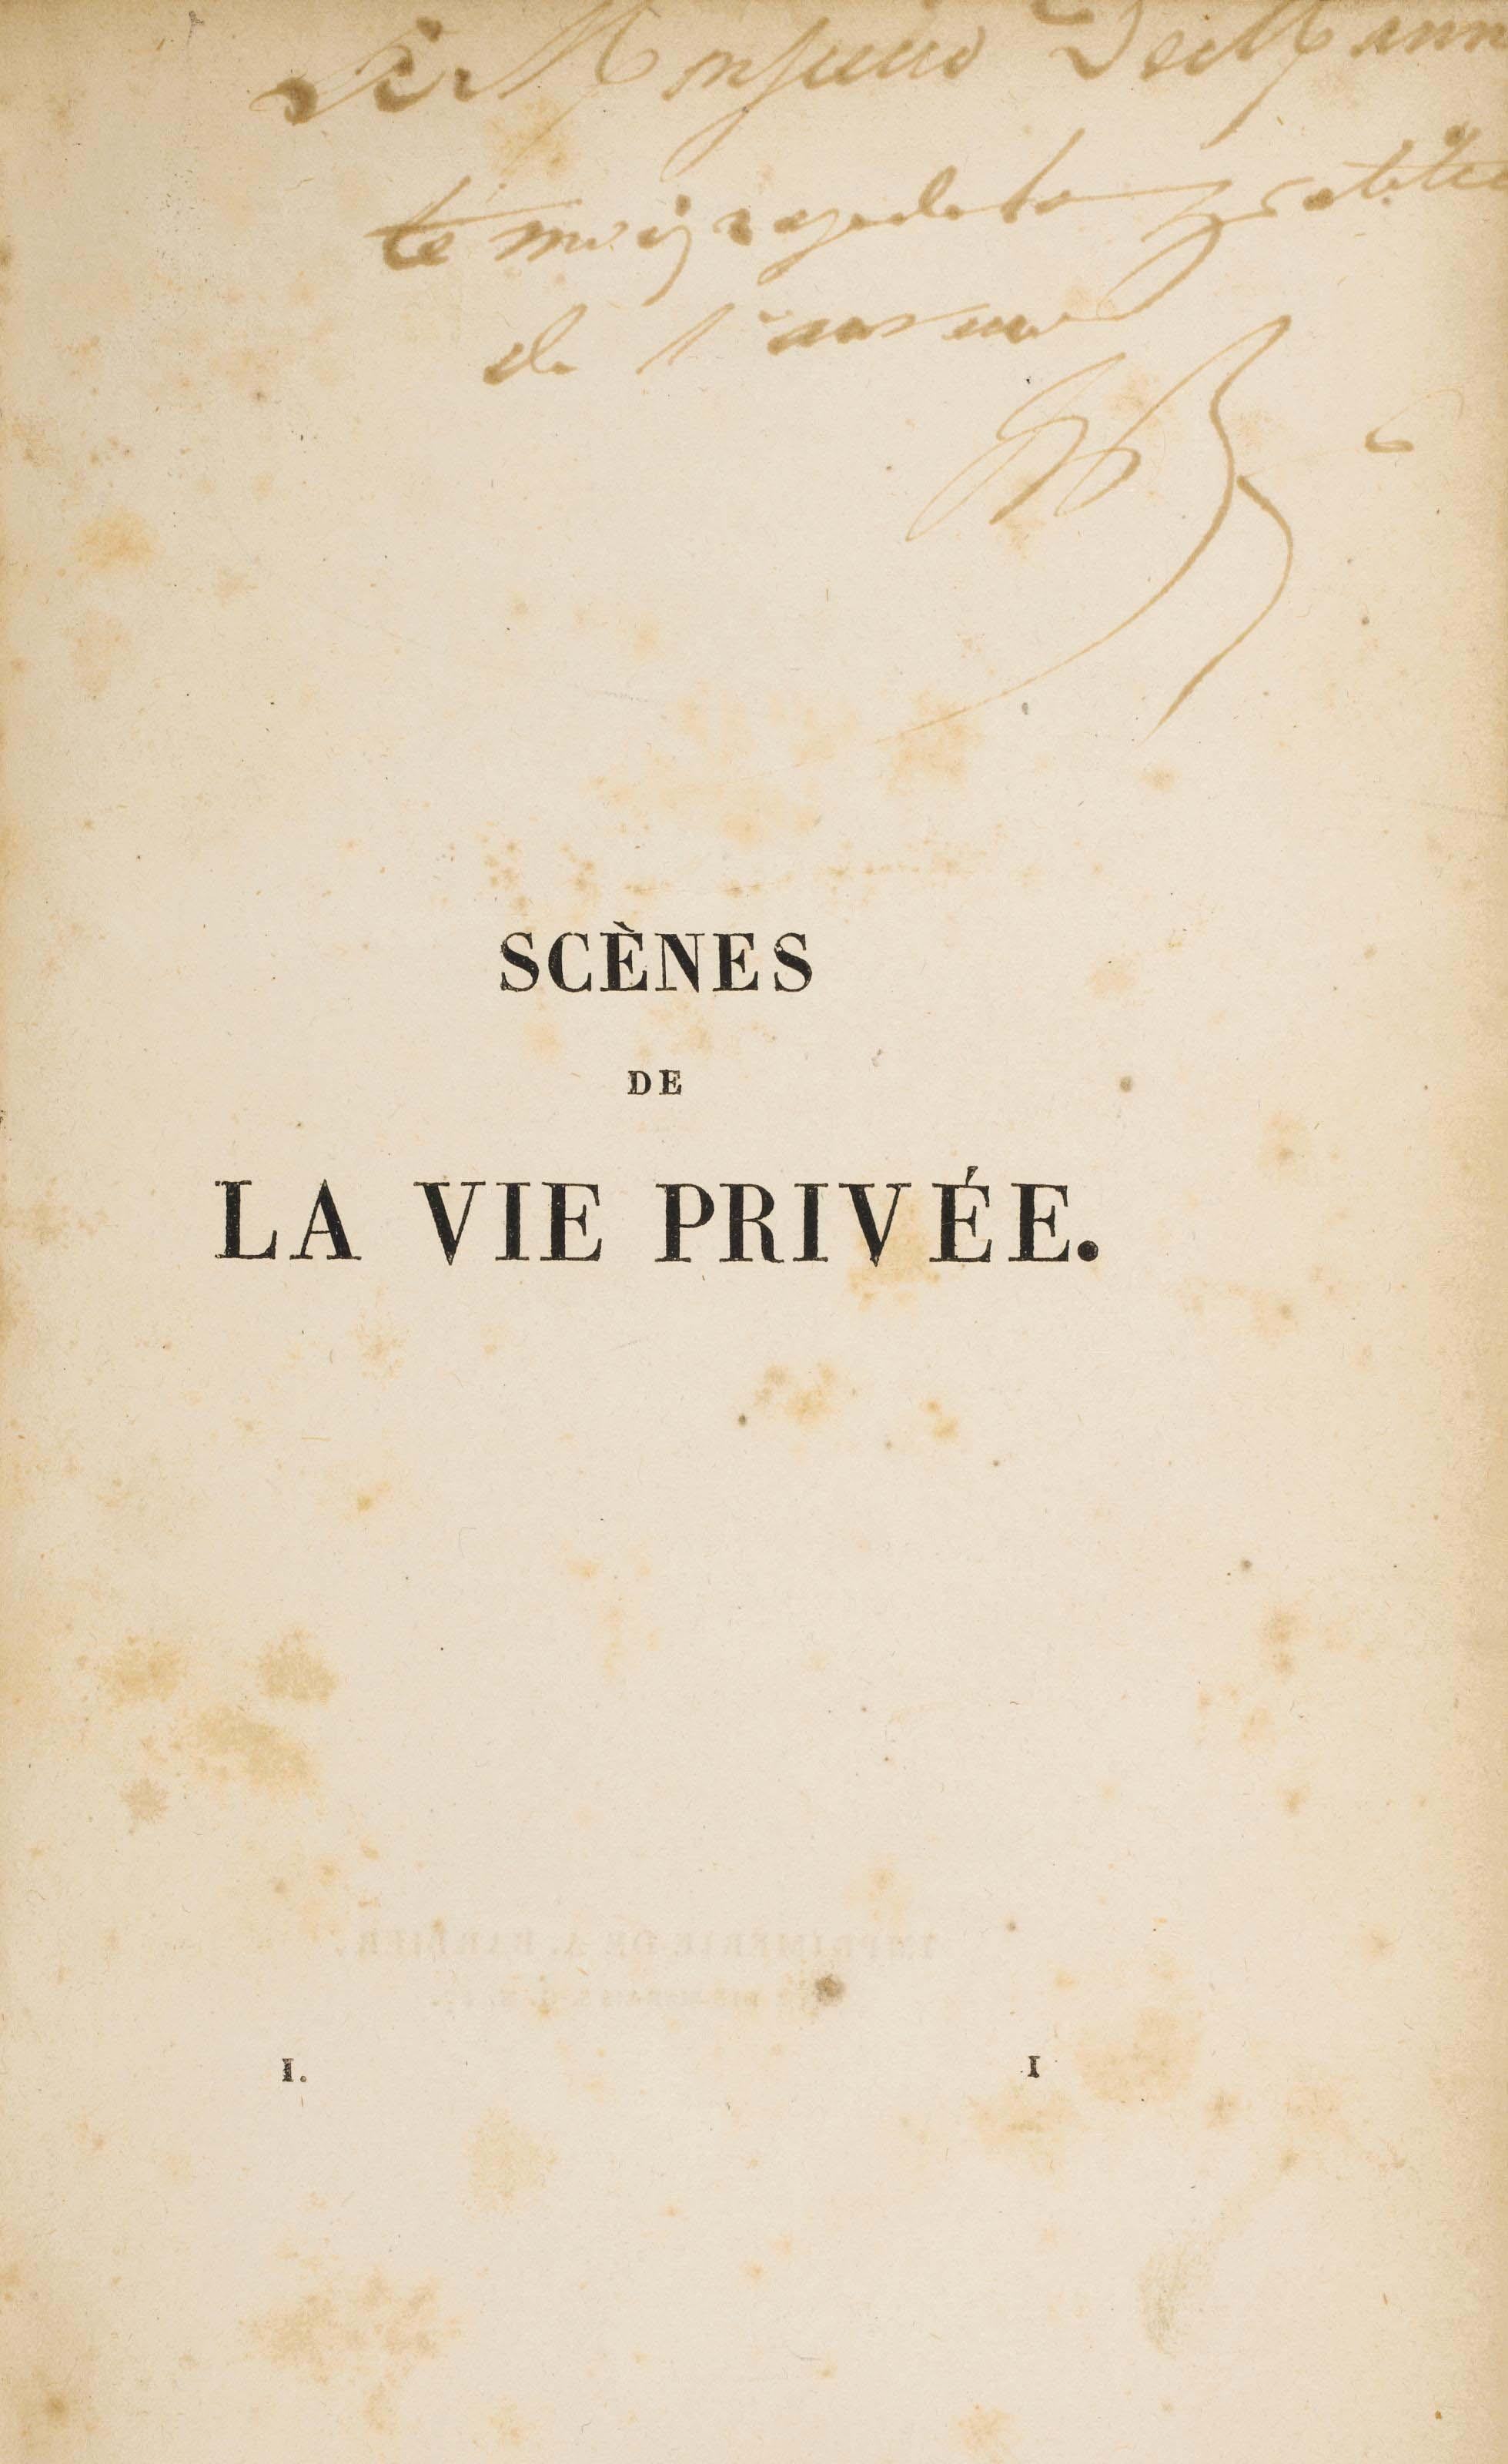 BALZAC, Honoré de (1799-1850). Scènes de la vie privée. Paris: A. Barbier pour Mame et Delaunay, Lavavasseur, 1830.